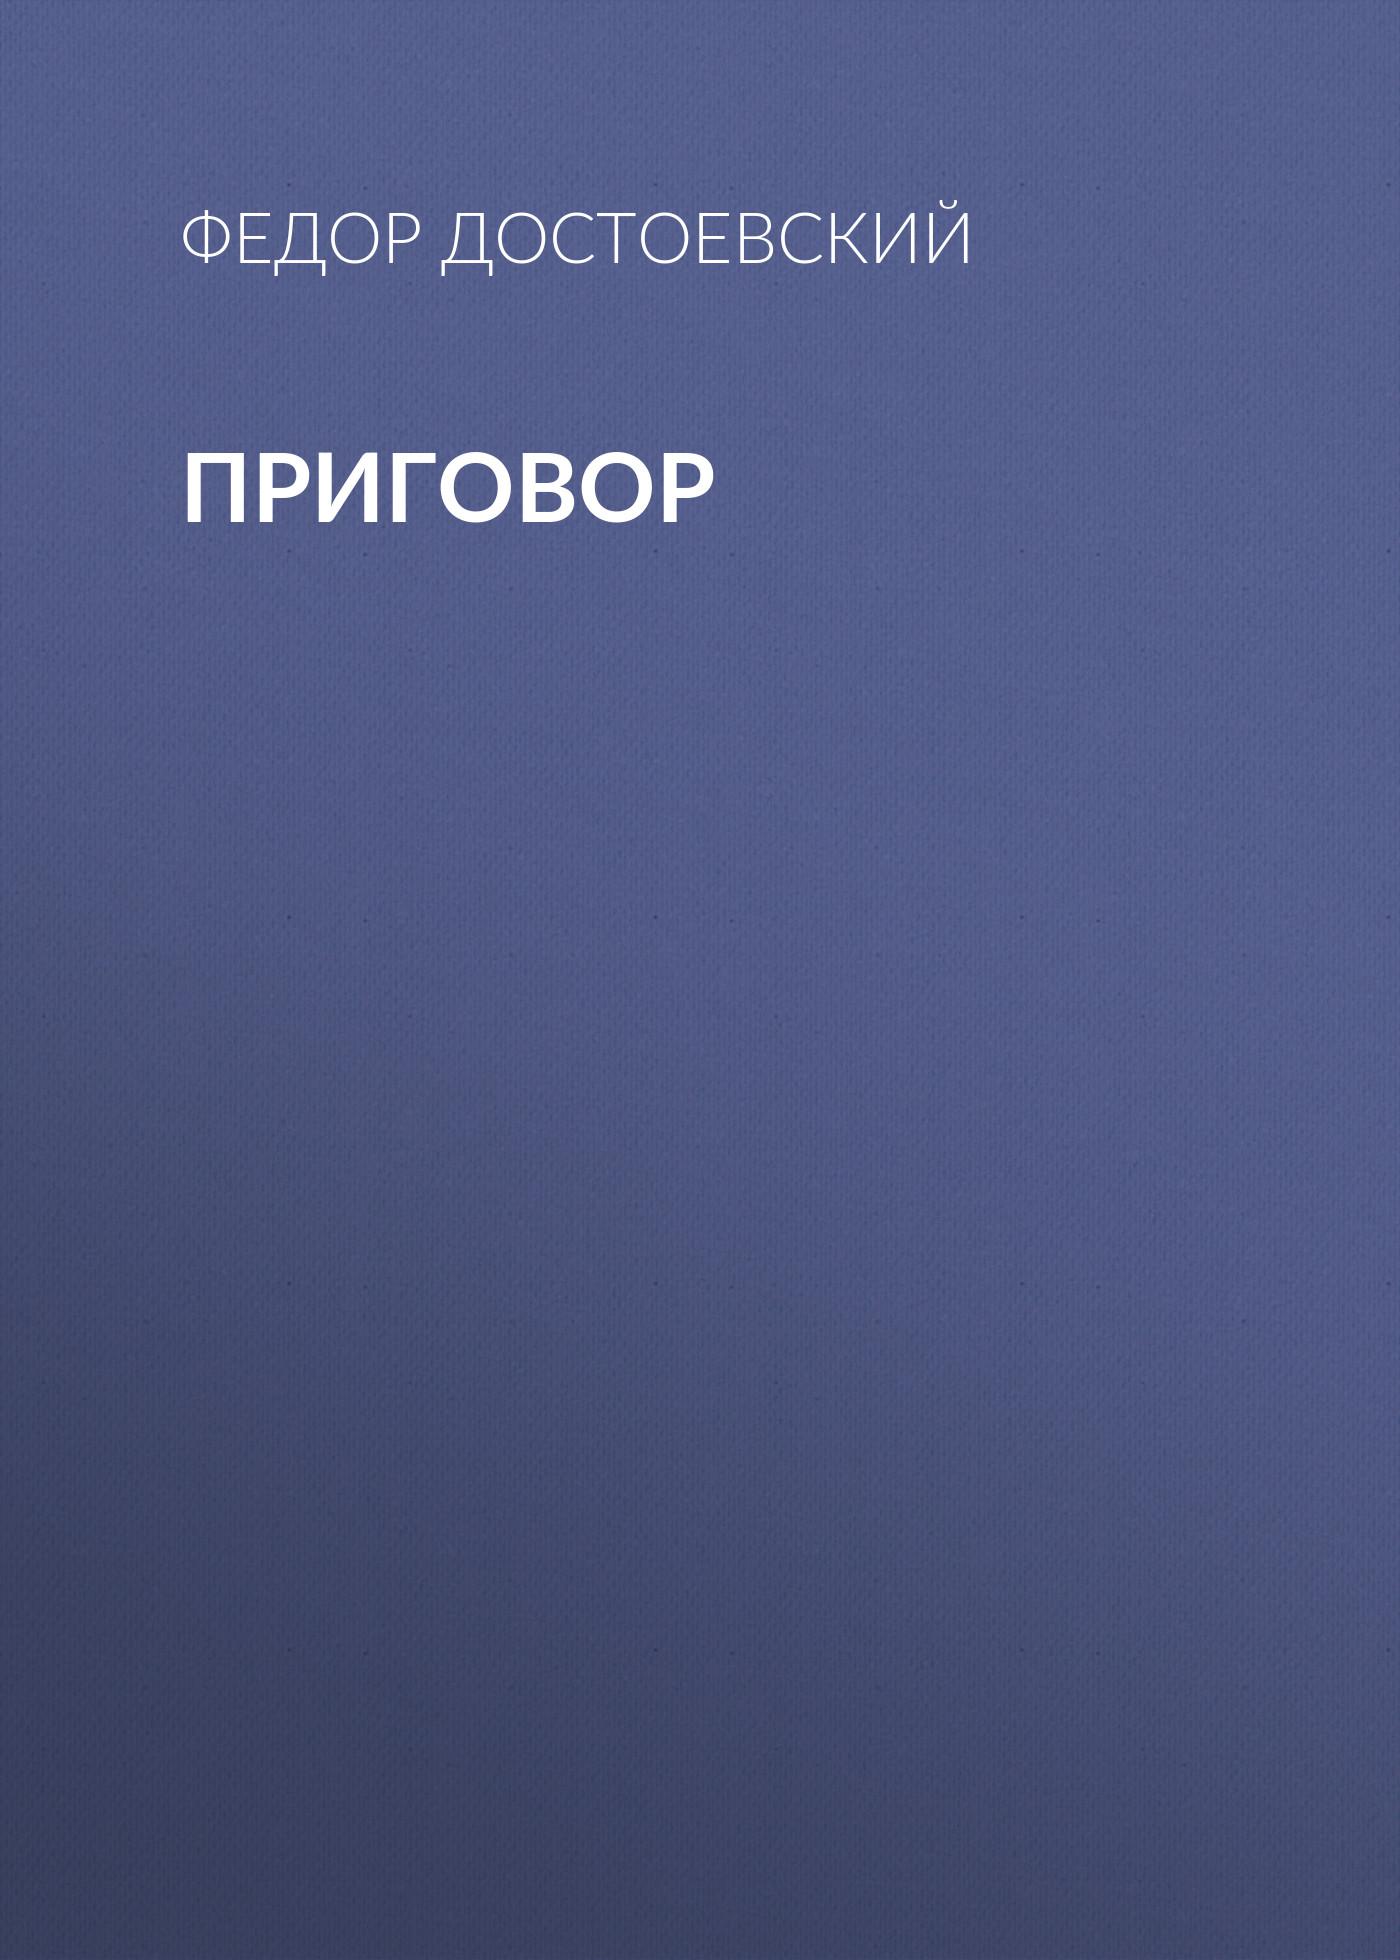 Федор Достоевский Приговор